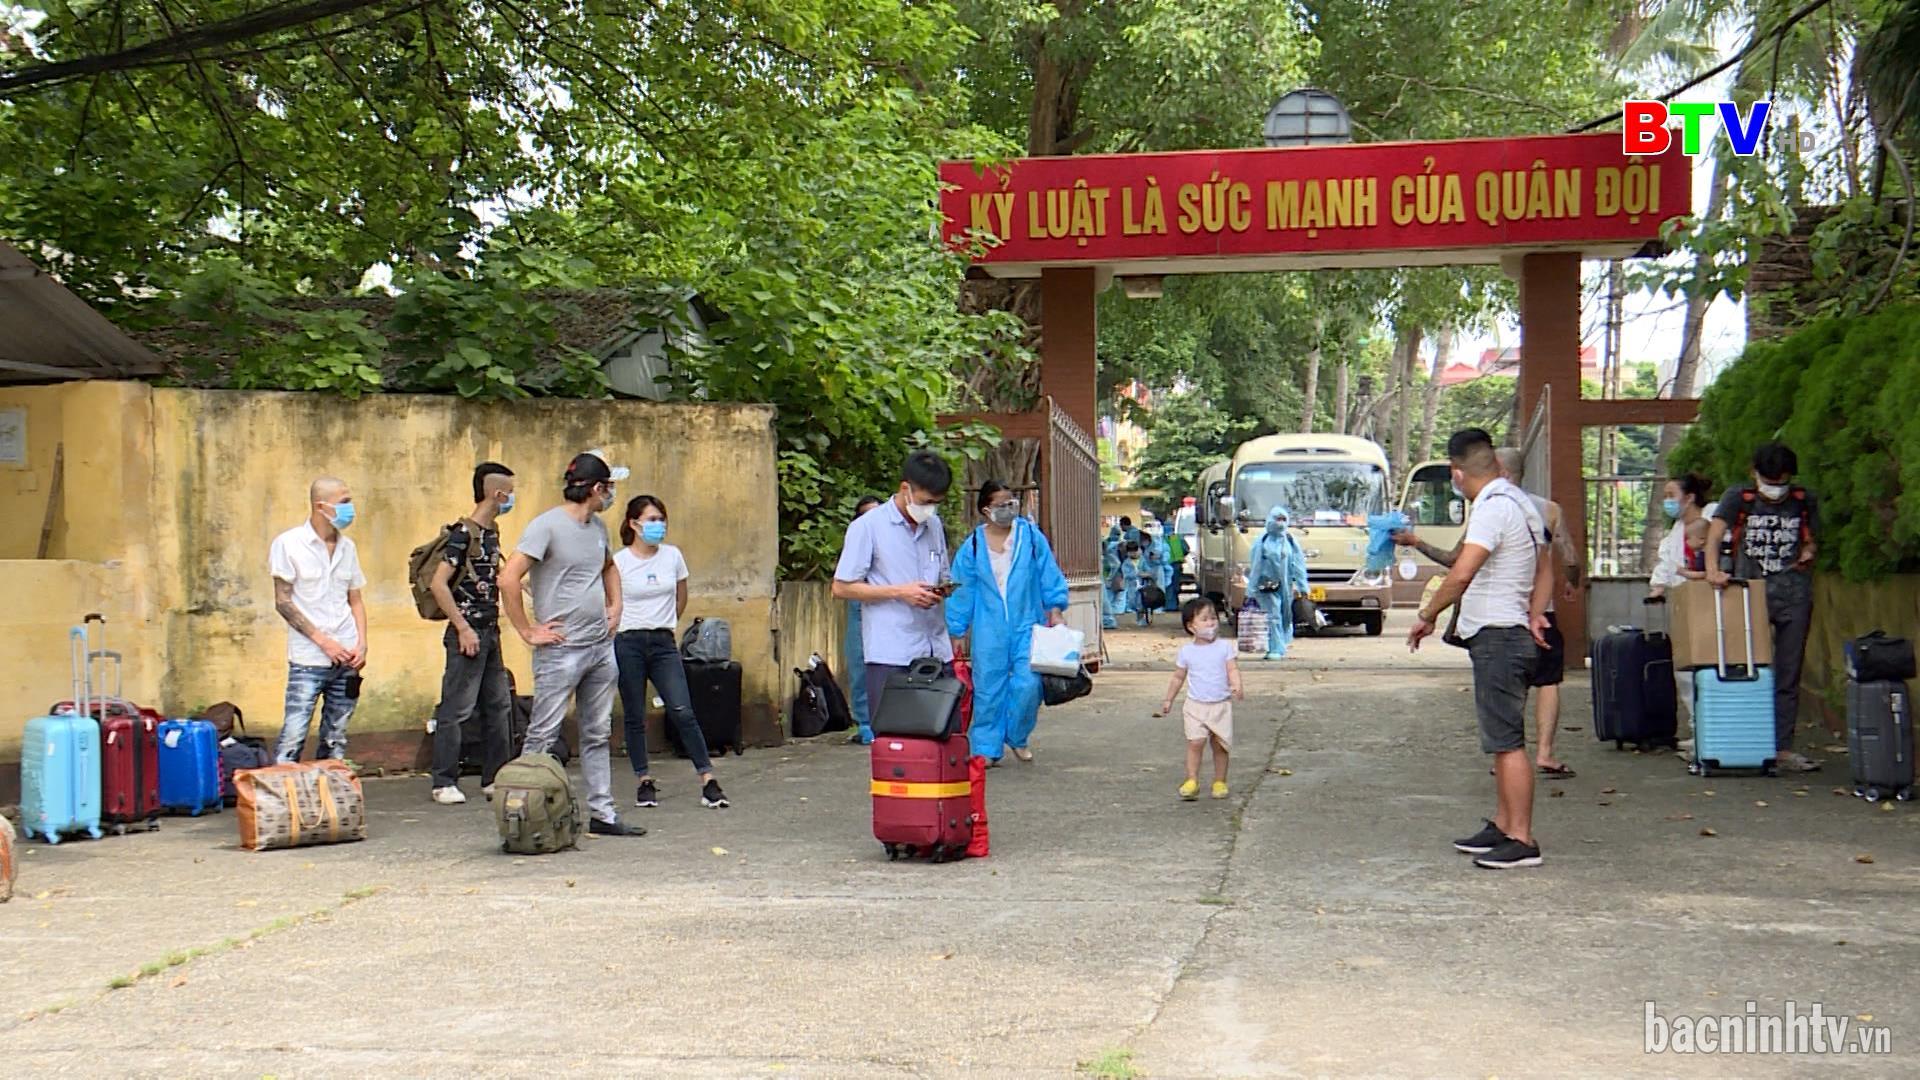 Bắc Ninh đón công dân trở về từ thành phố Hồ Chí Minh